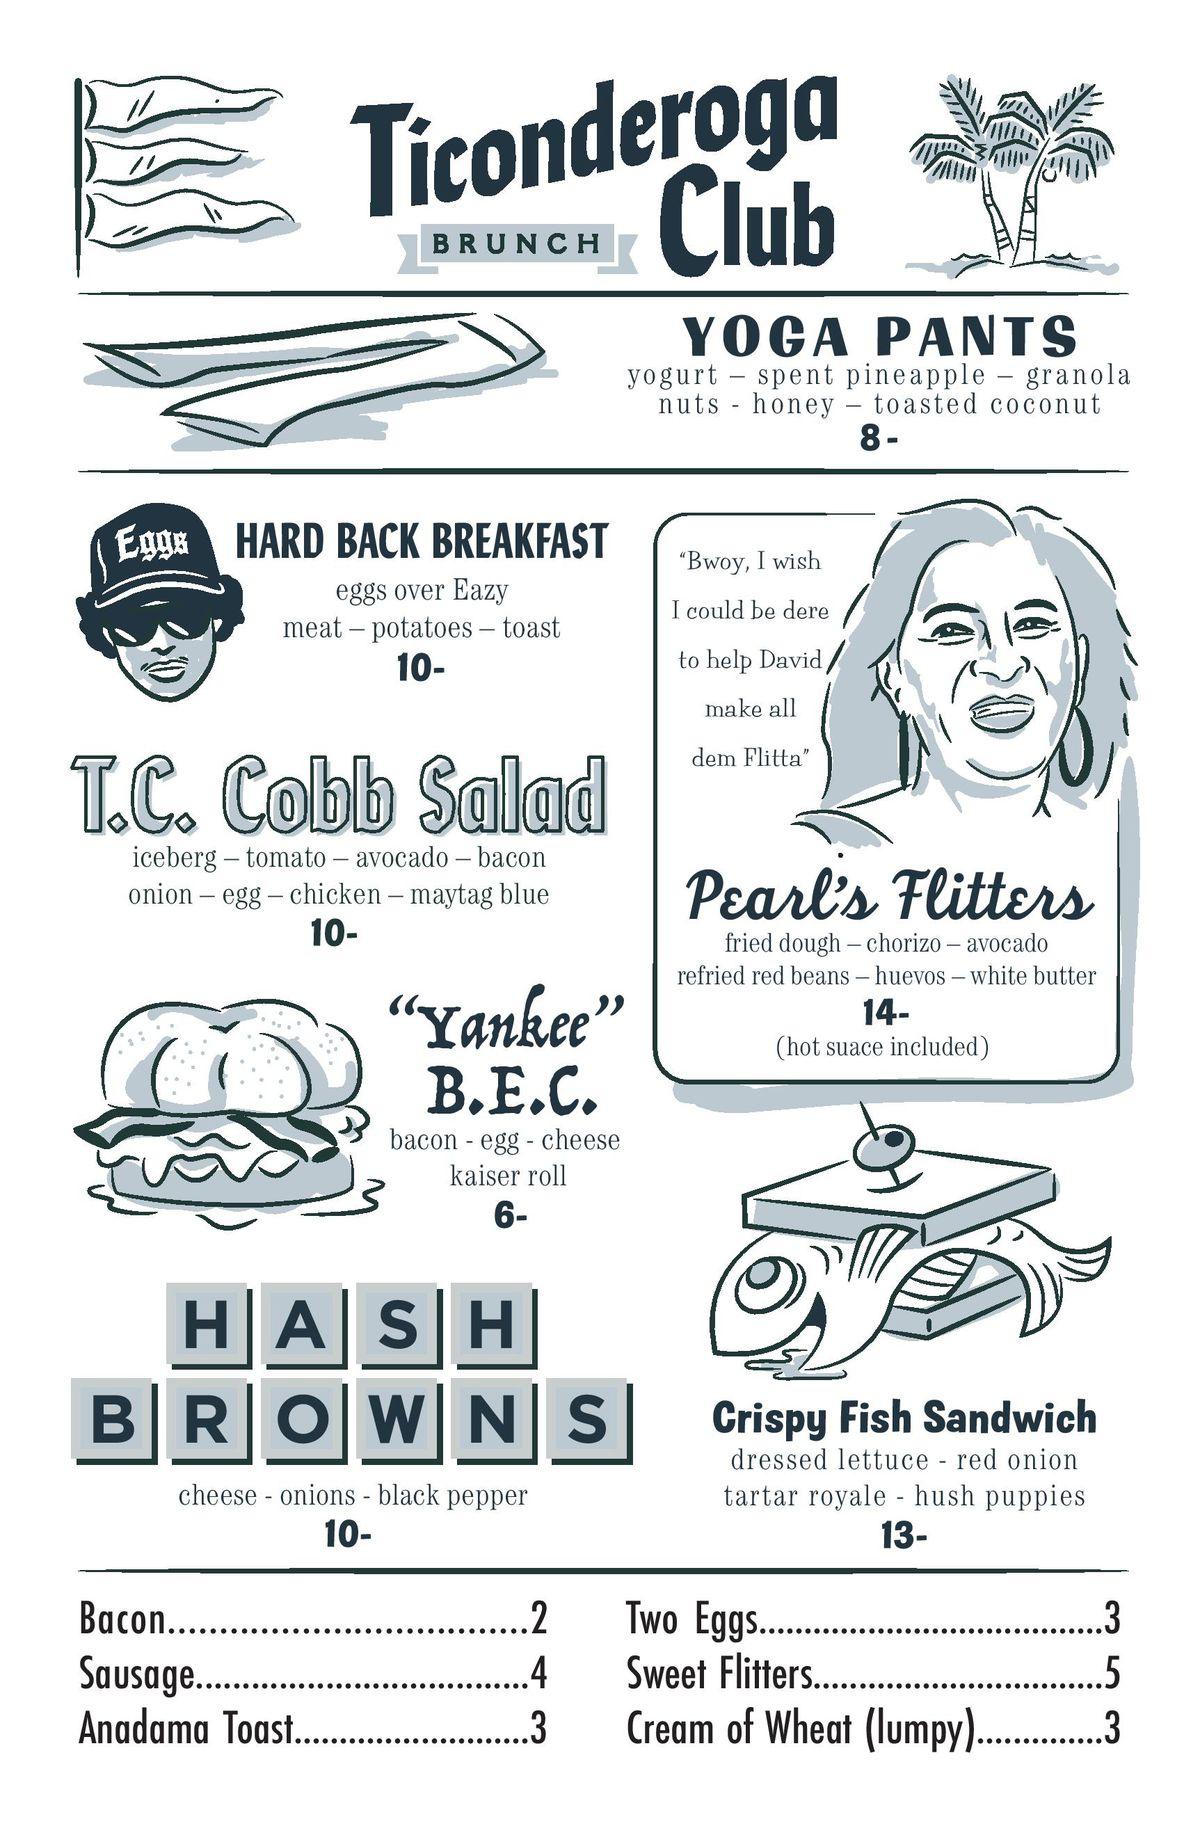 Ticonderoga Club brunch menu